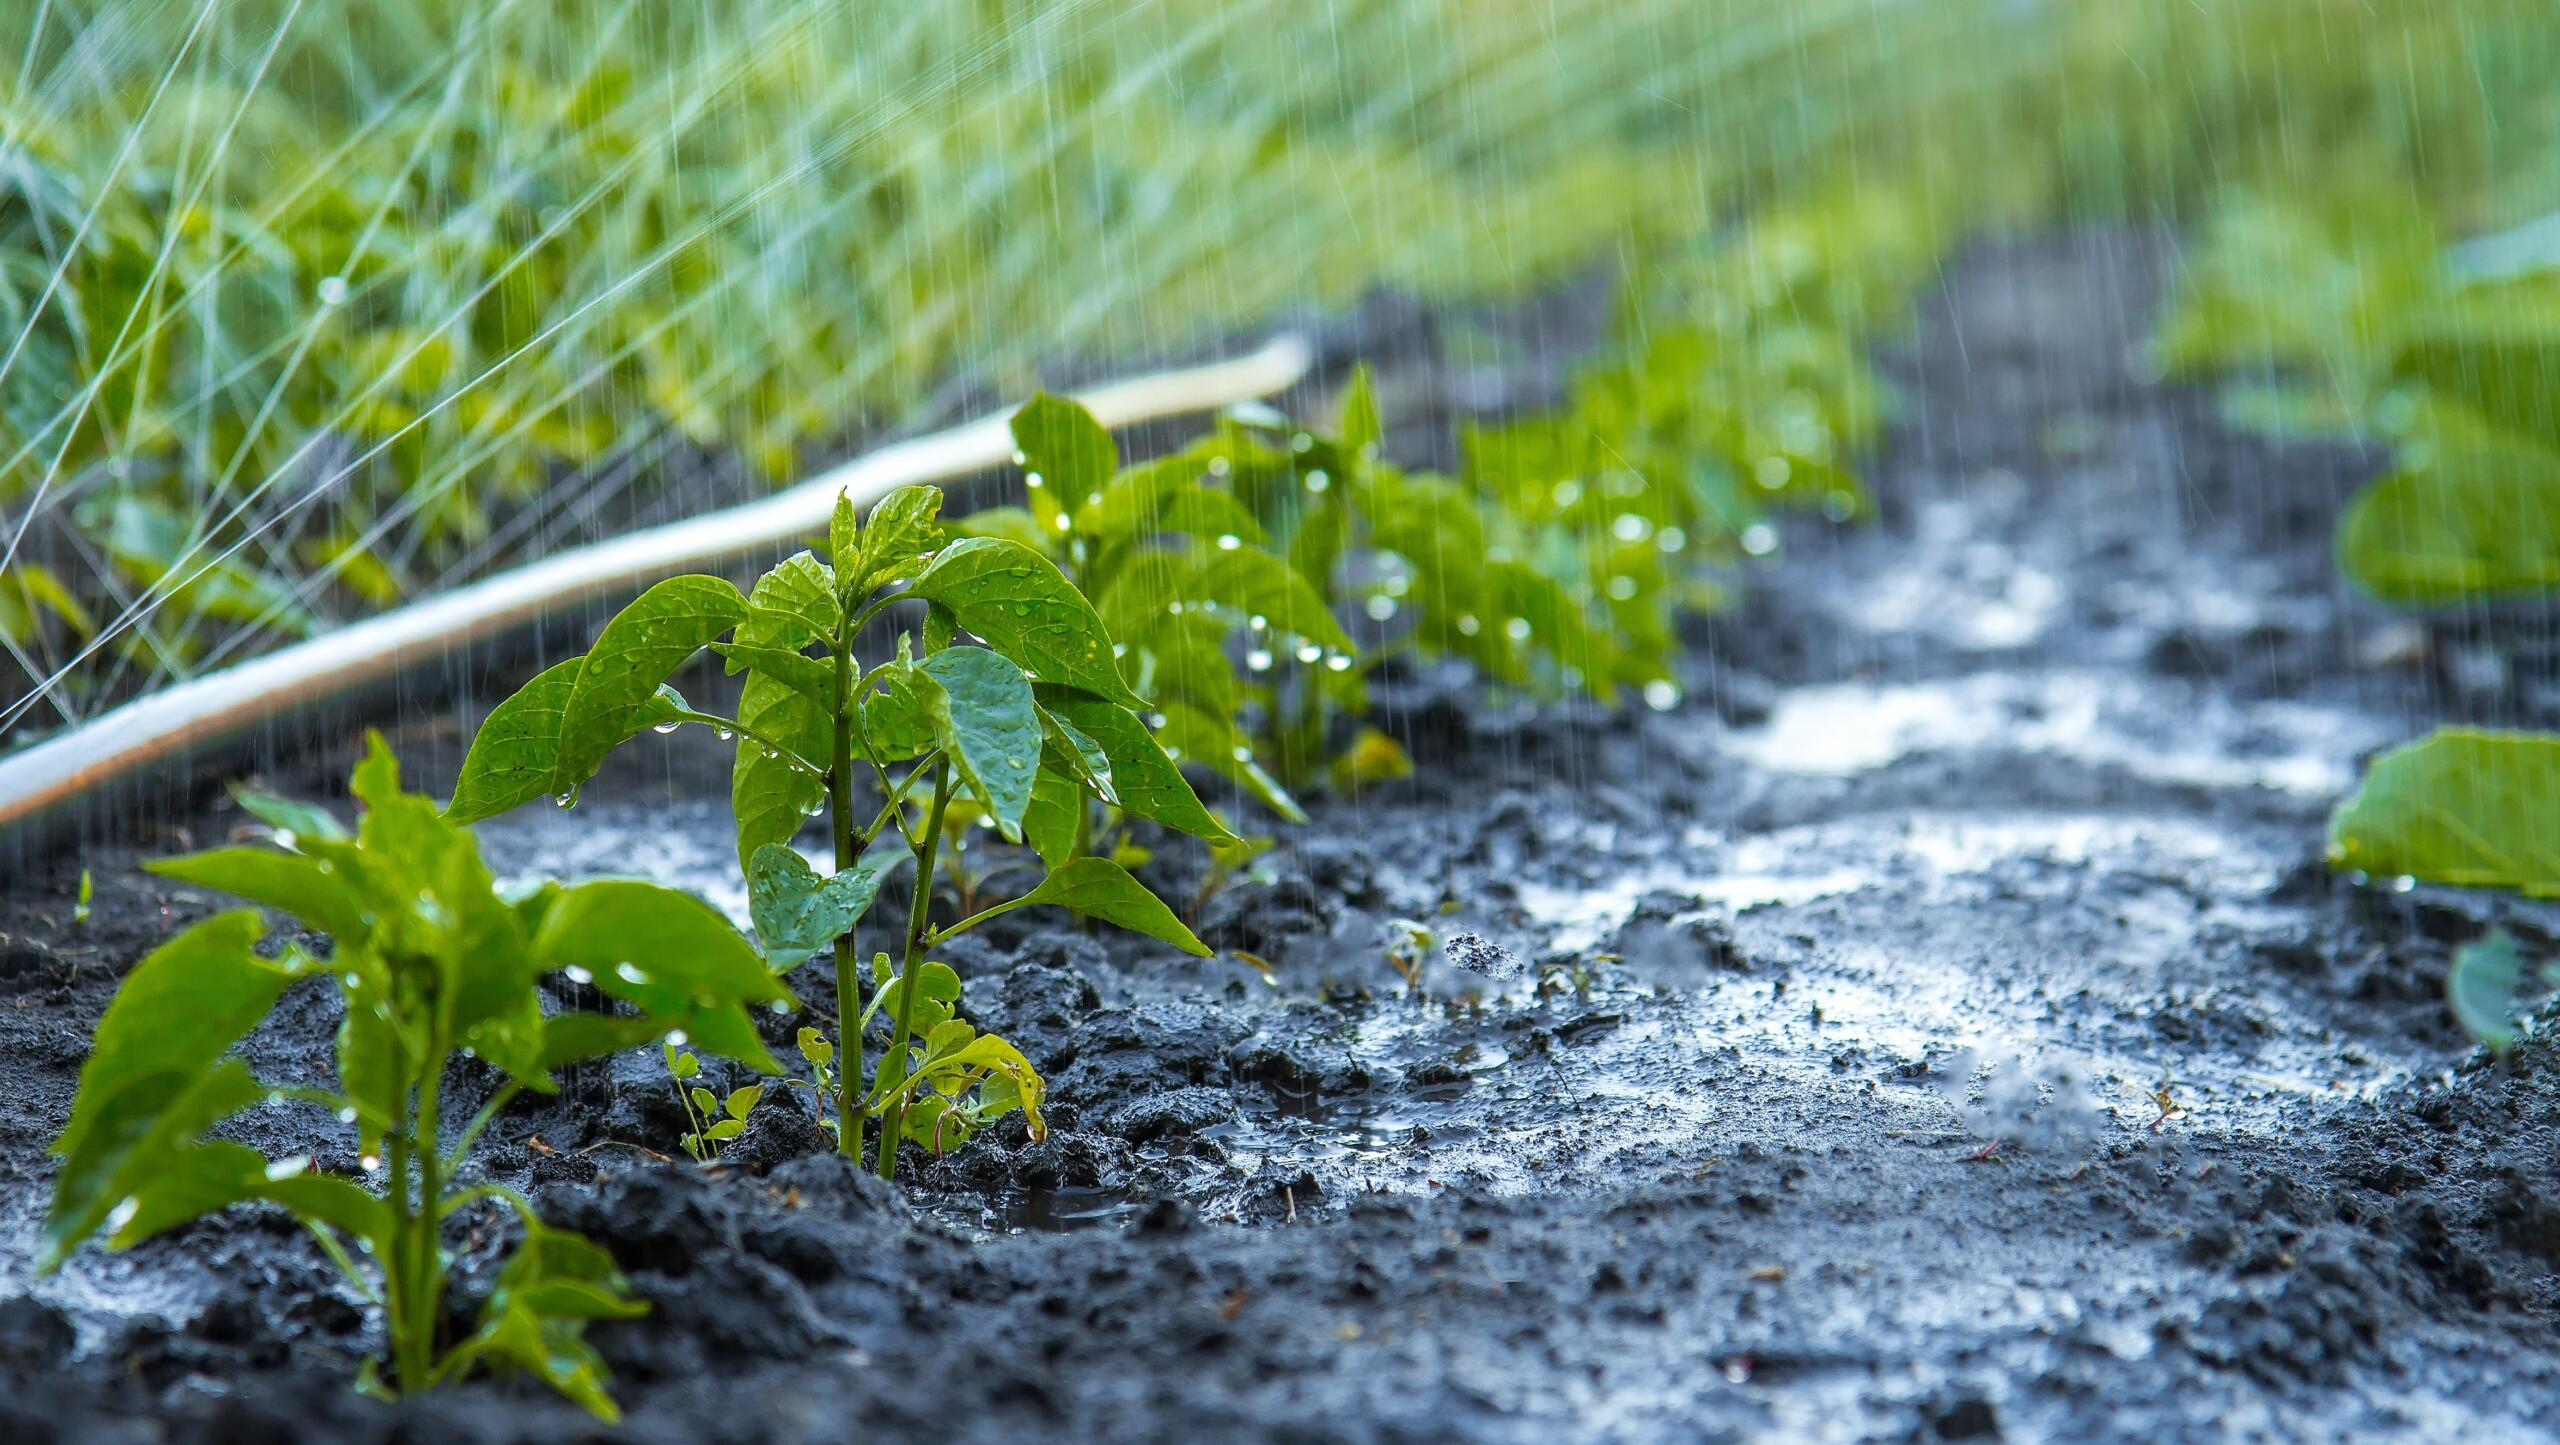 Birçok tarım ürününde hasat sırasında %30-35'lere varan kayıplar yaşanıyor!